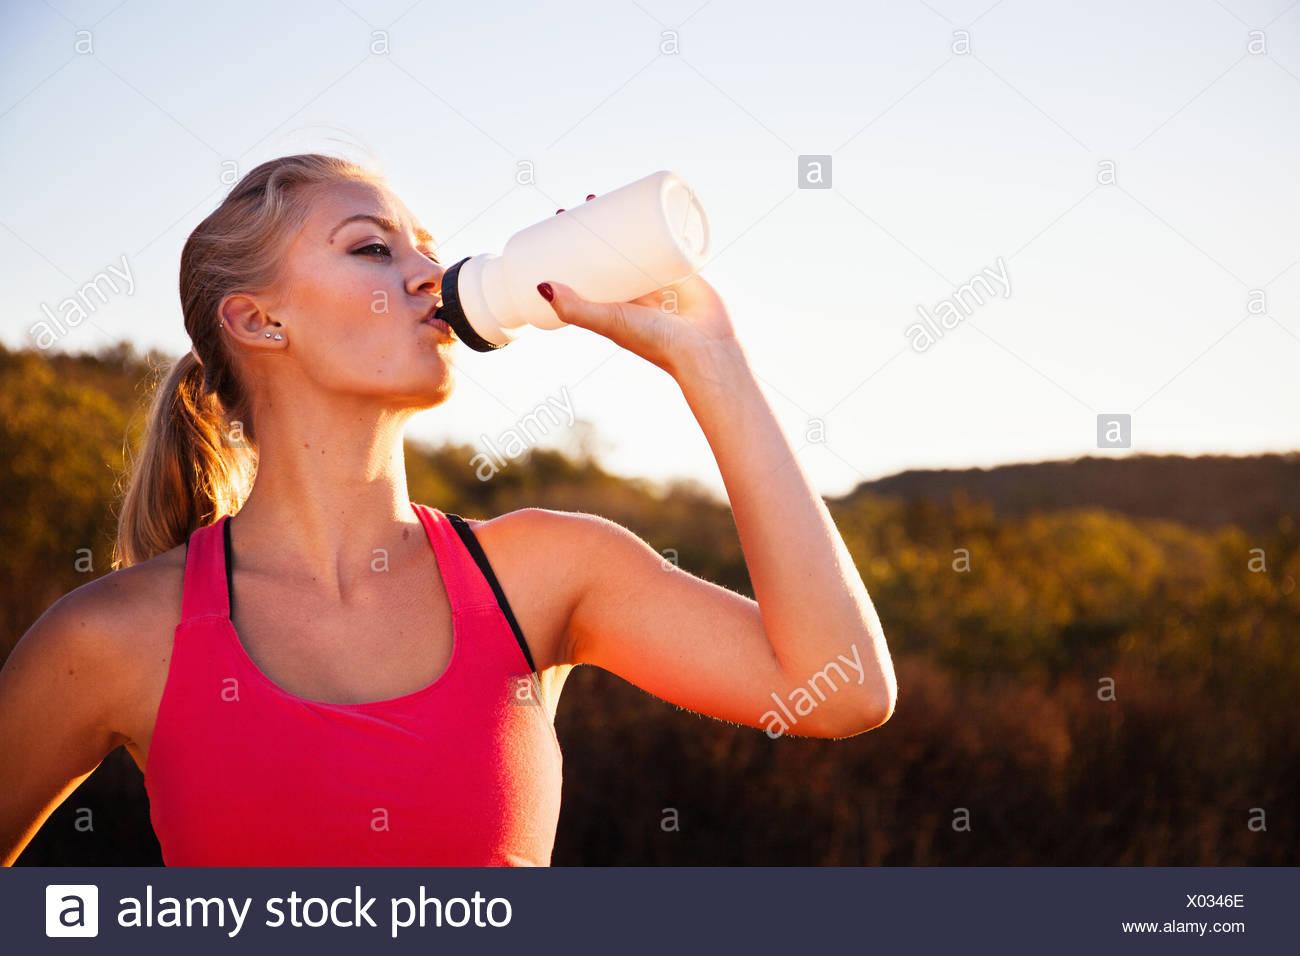 Emparejador femenino desde una botella de agua potable, Poway, CA, EE.UU. Foto de stock